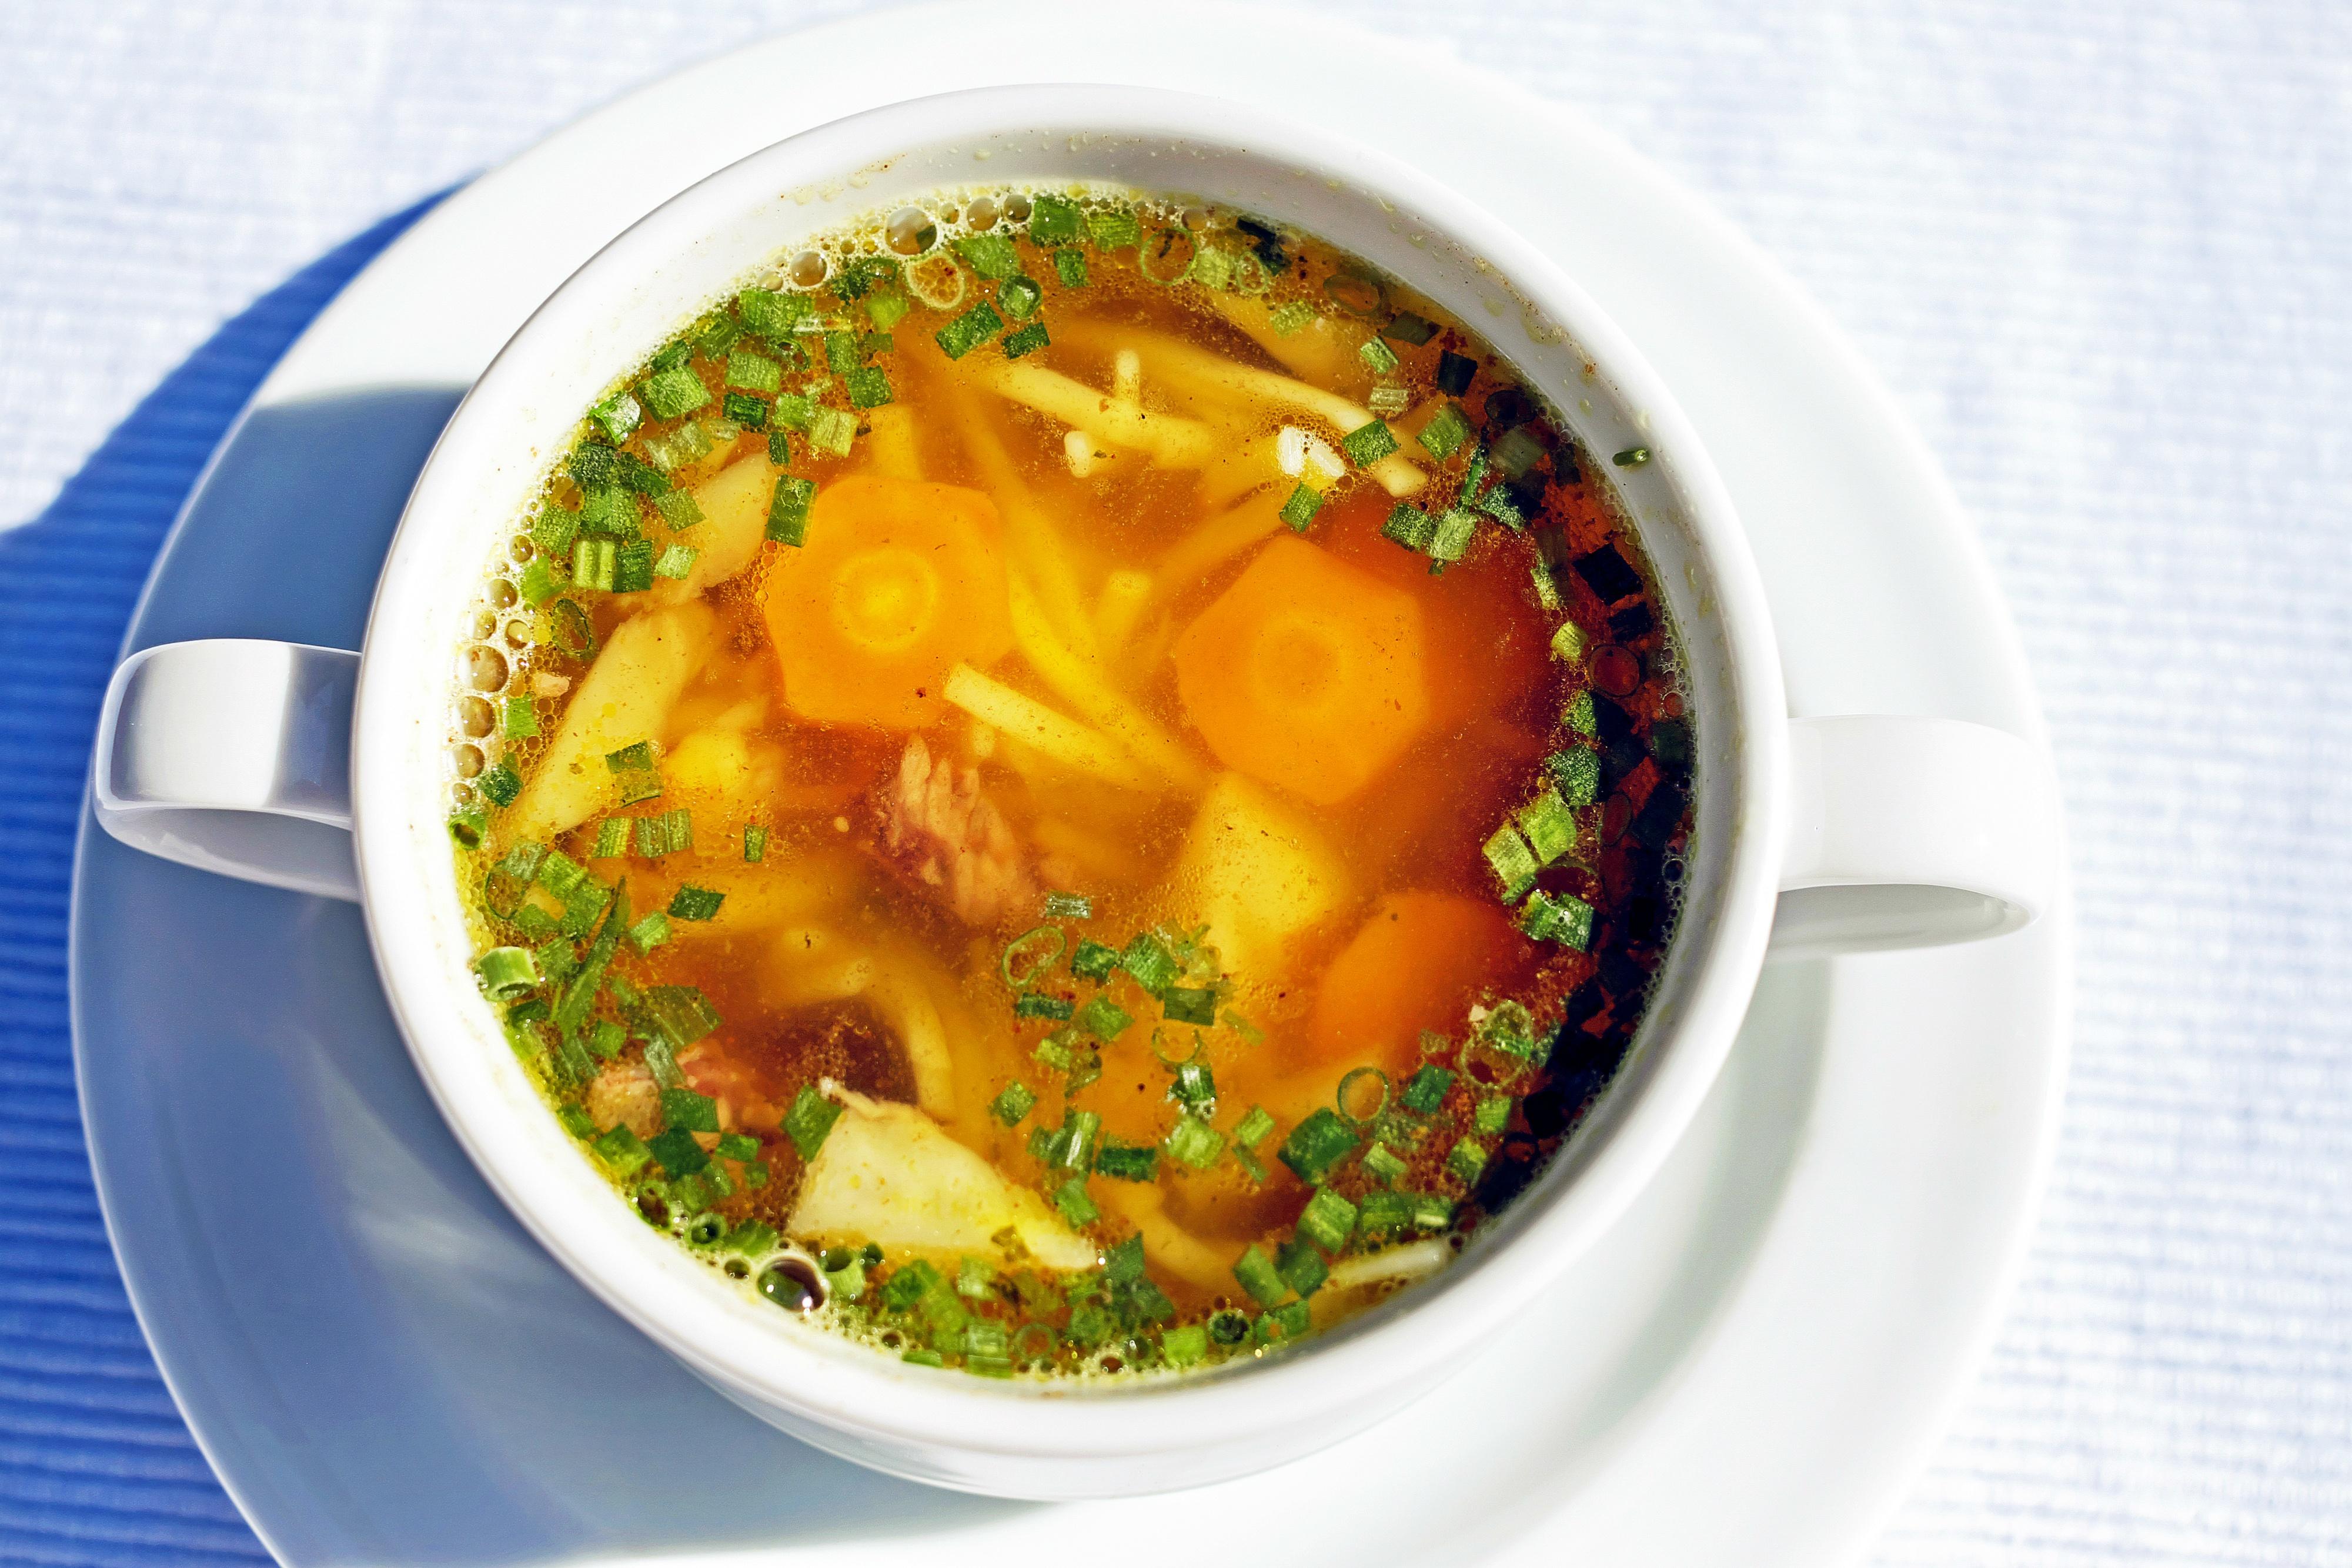 Tradycyjny rosół z kury - przepis